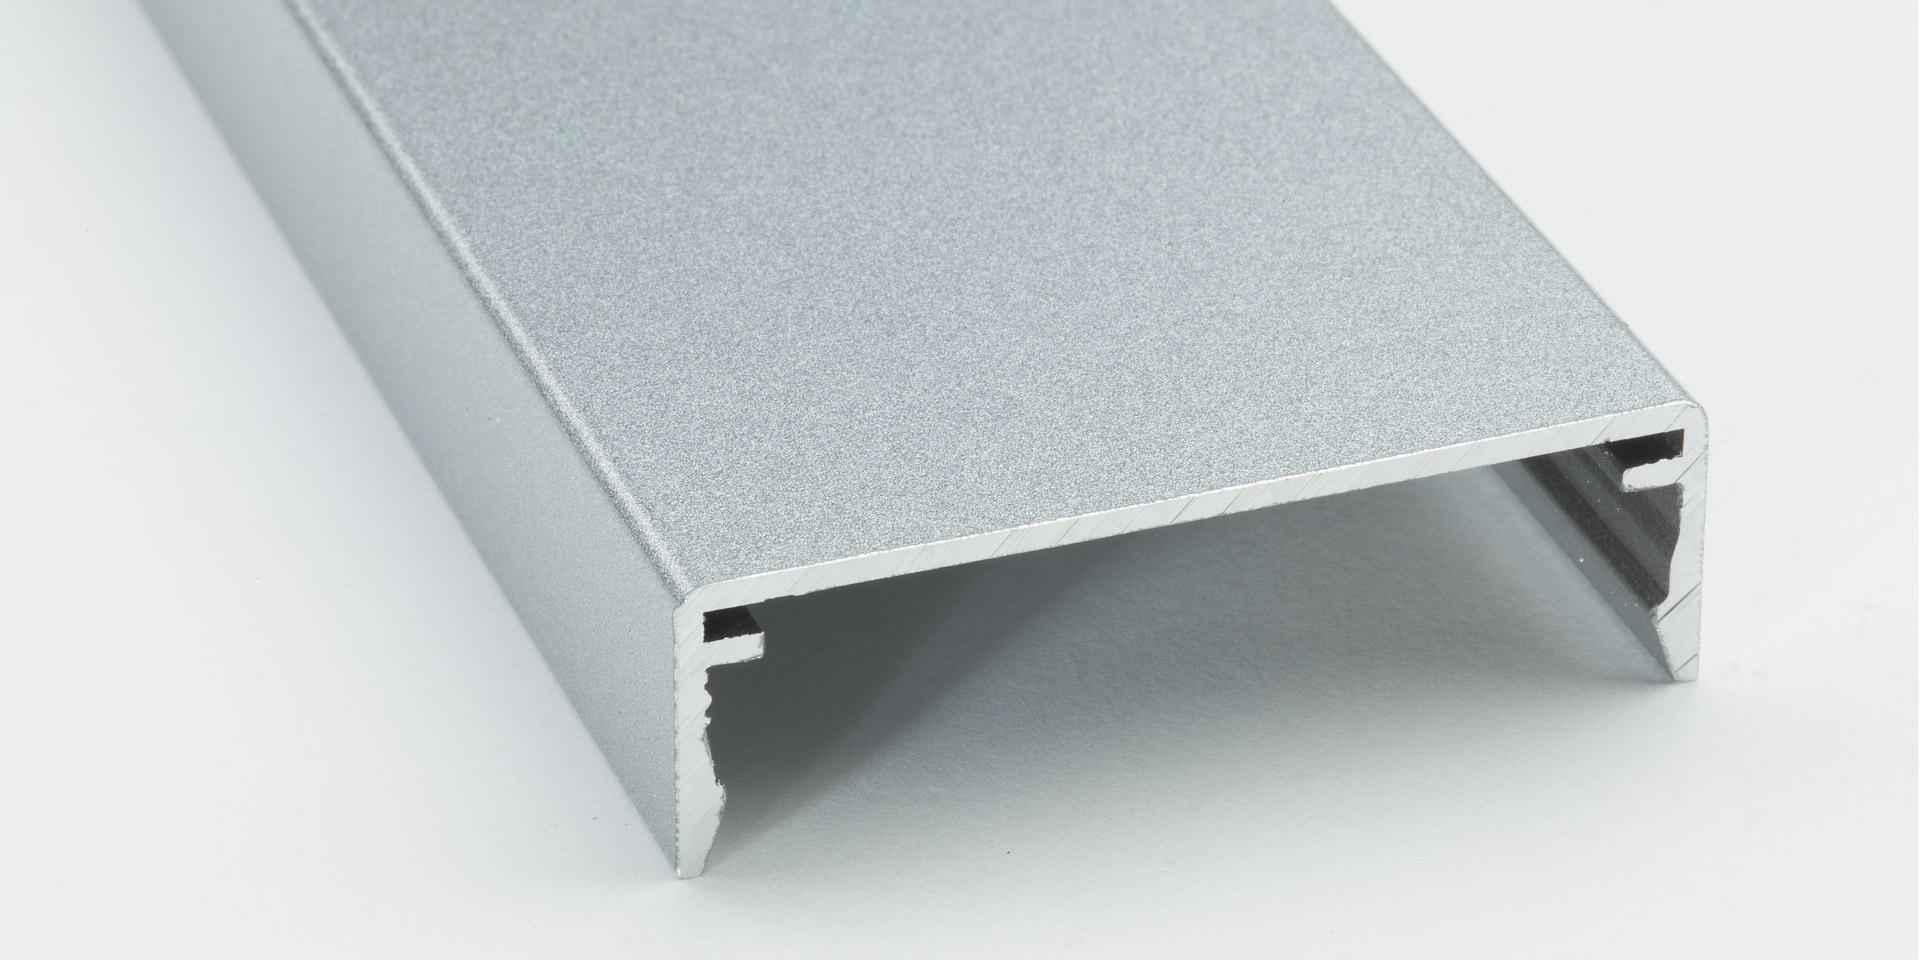 Duraflon eignet sich auch für die Beschichtung von Konstruktionsbauteilen oder Profilen in der Fassade.